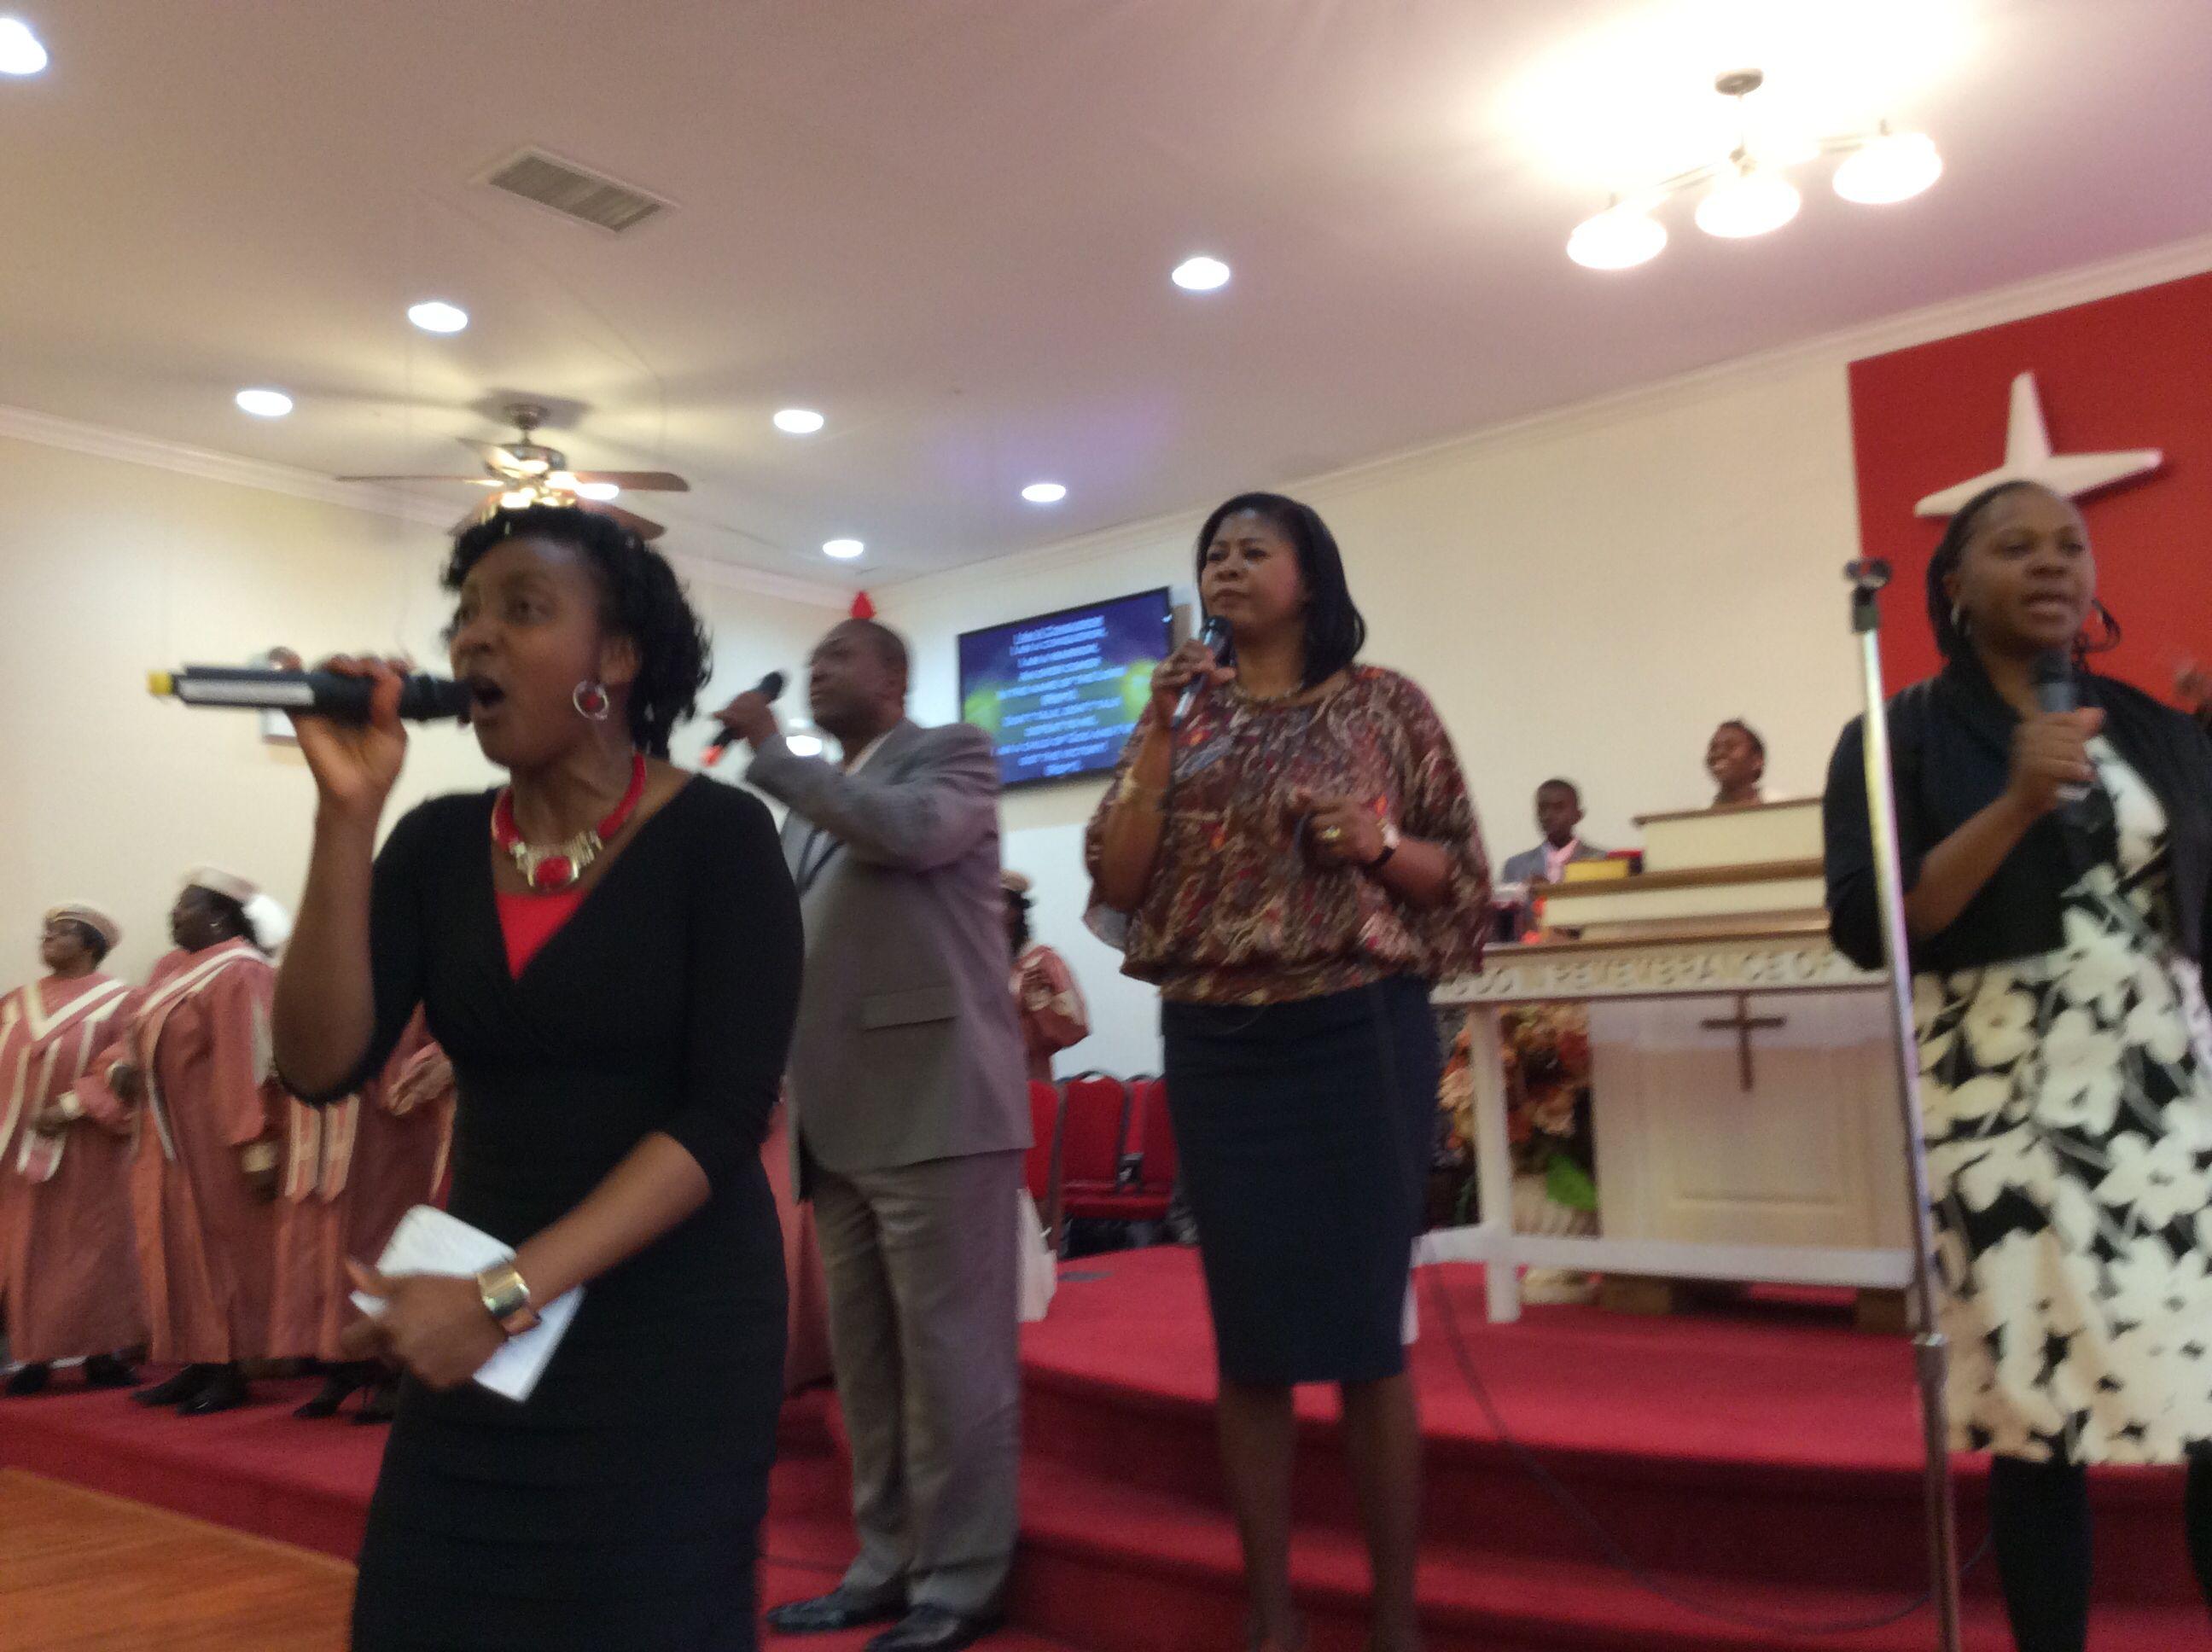 ... ve got the victory | Pastors appreciation Sunday Service 2014 | Pin